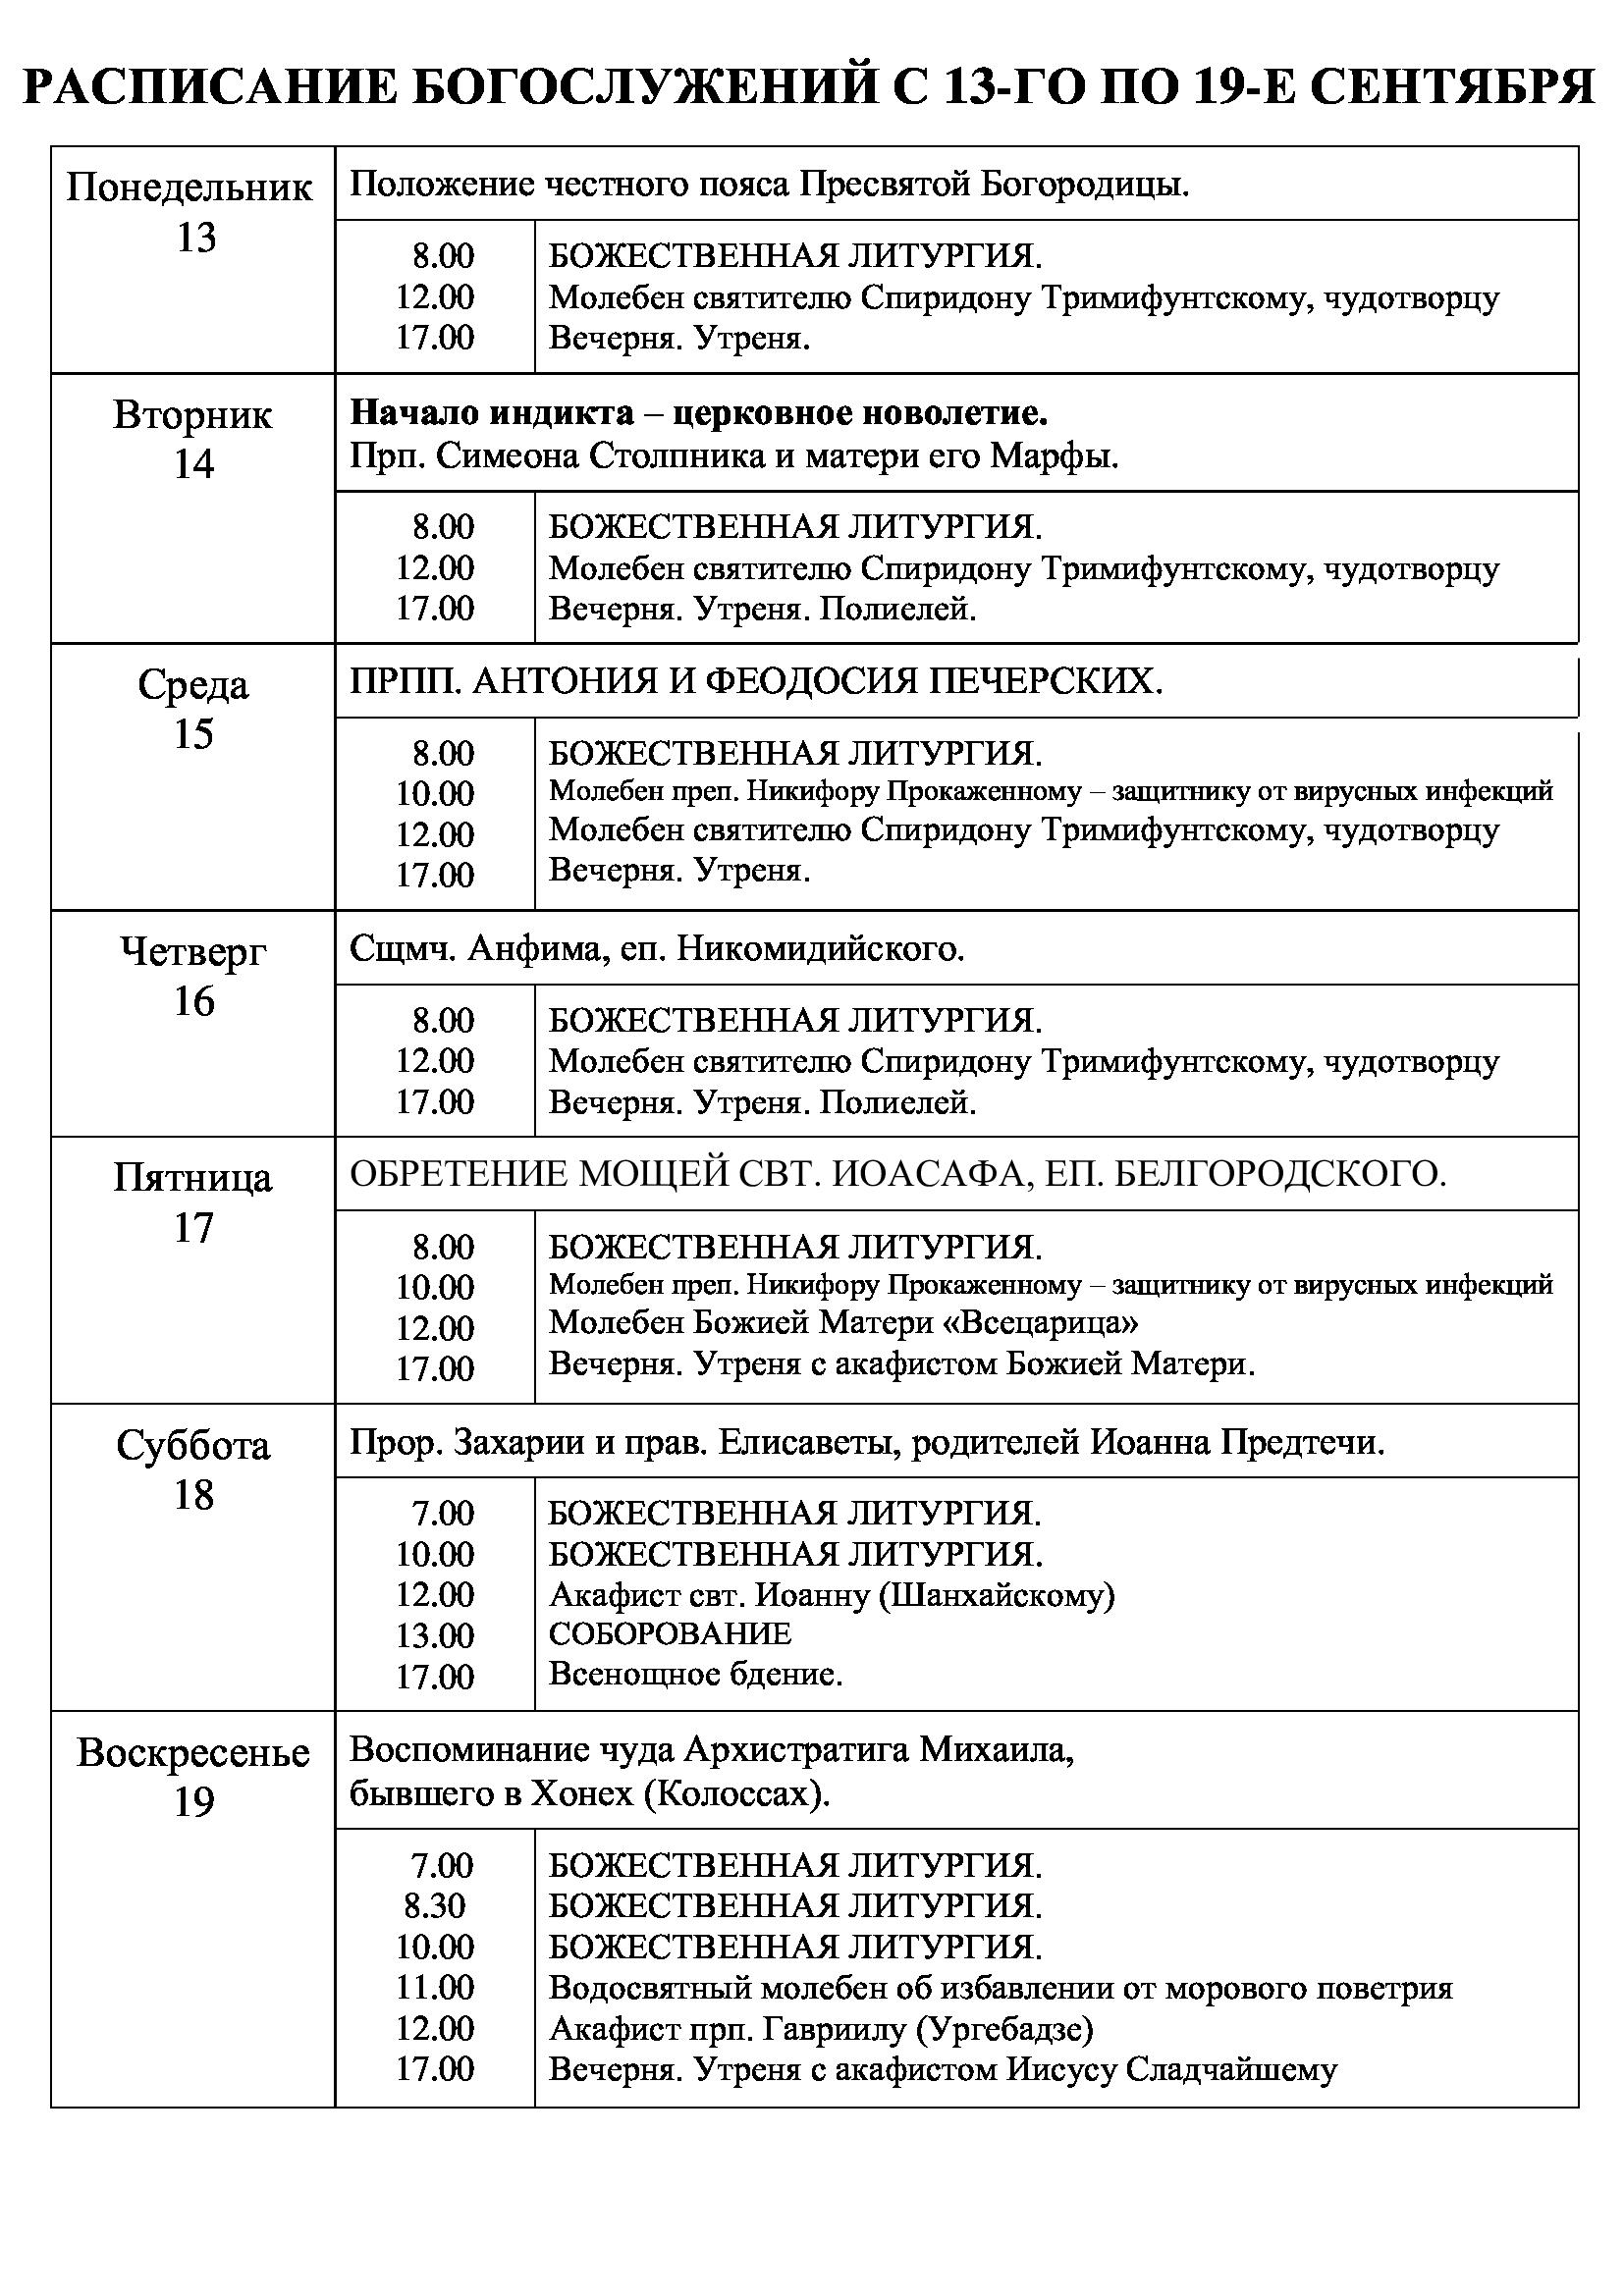 РАСПИСАНИЕ-1